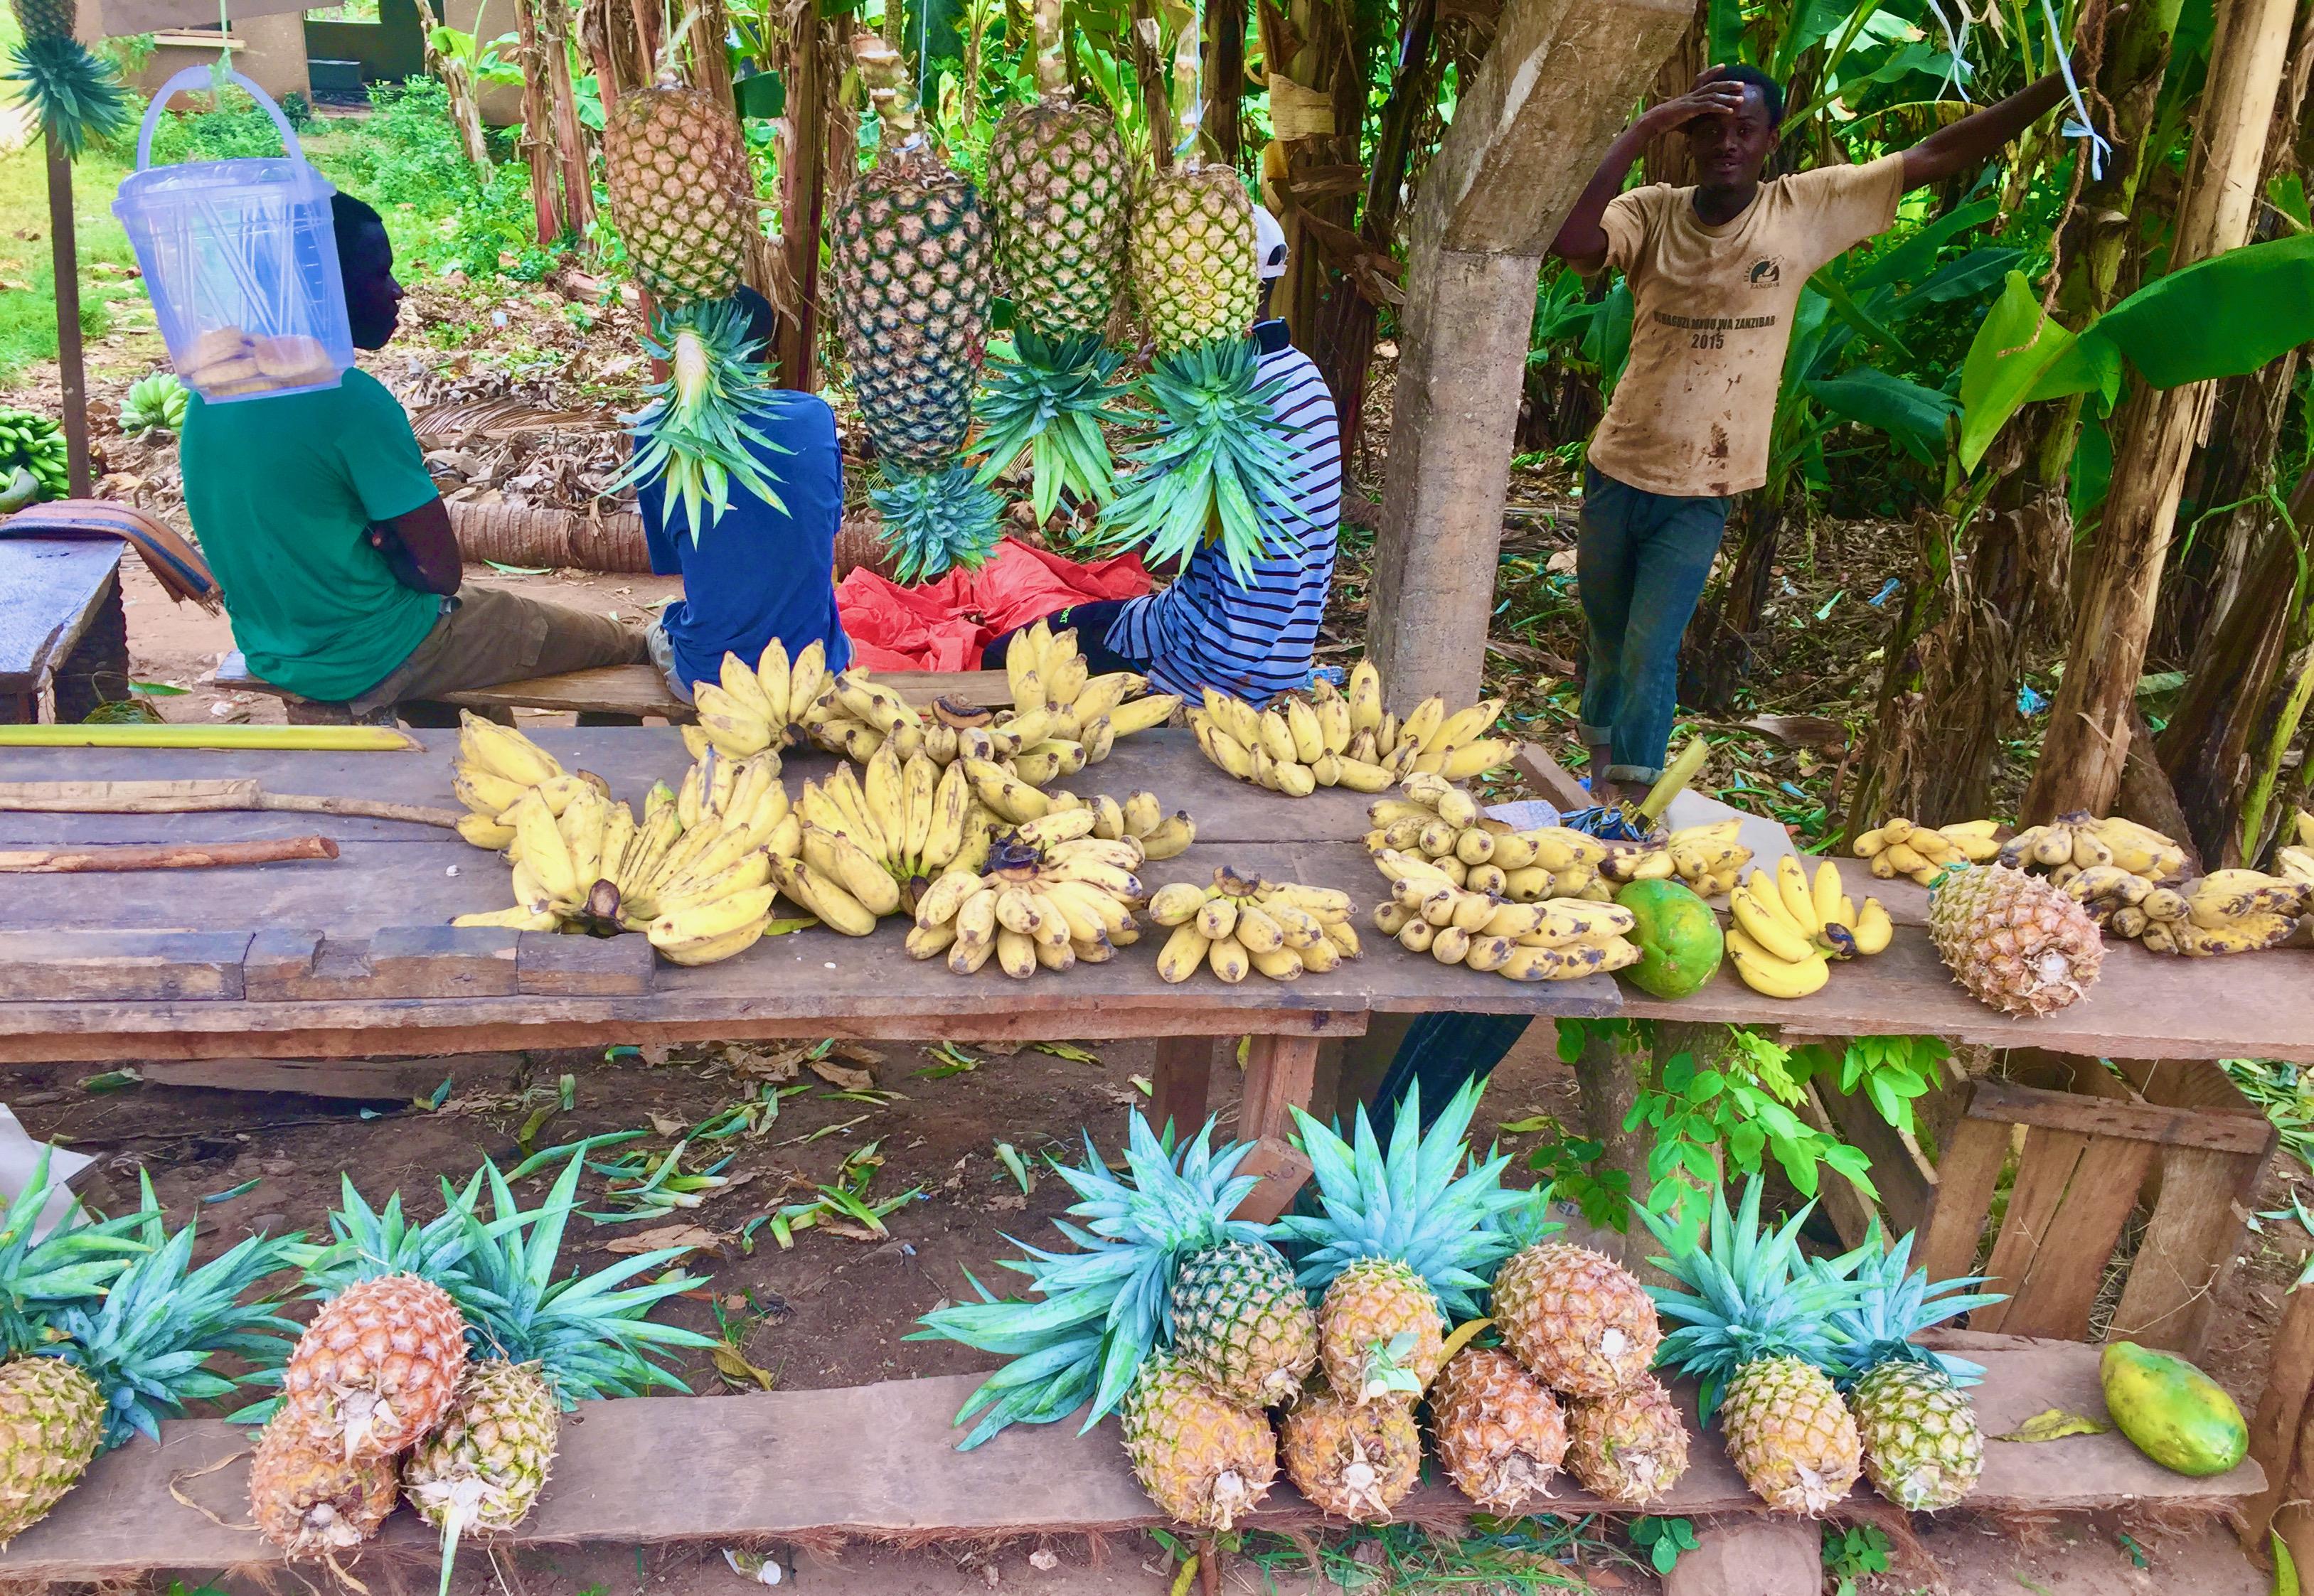 fruit_stall_zanzibar